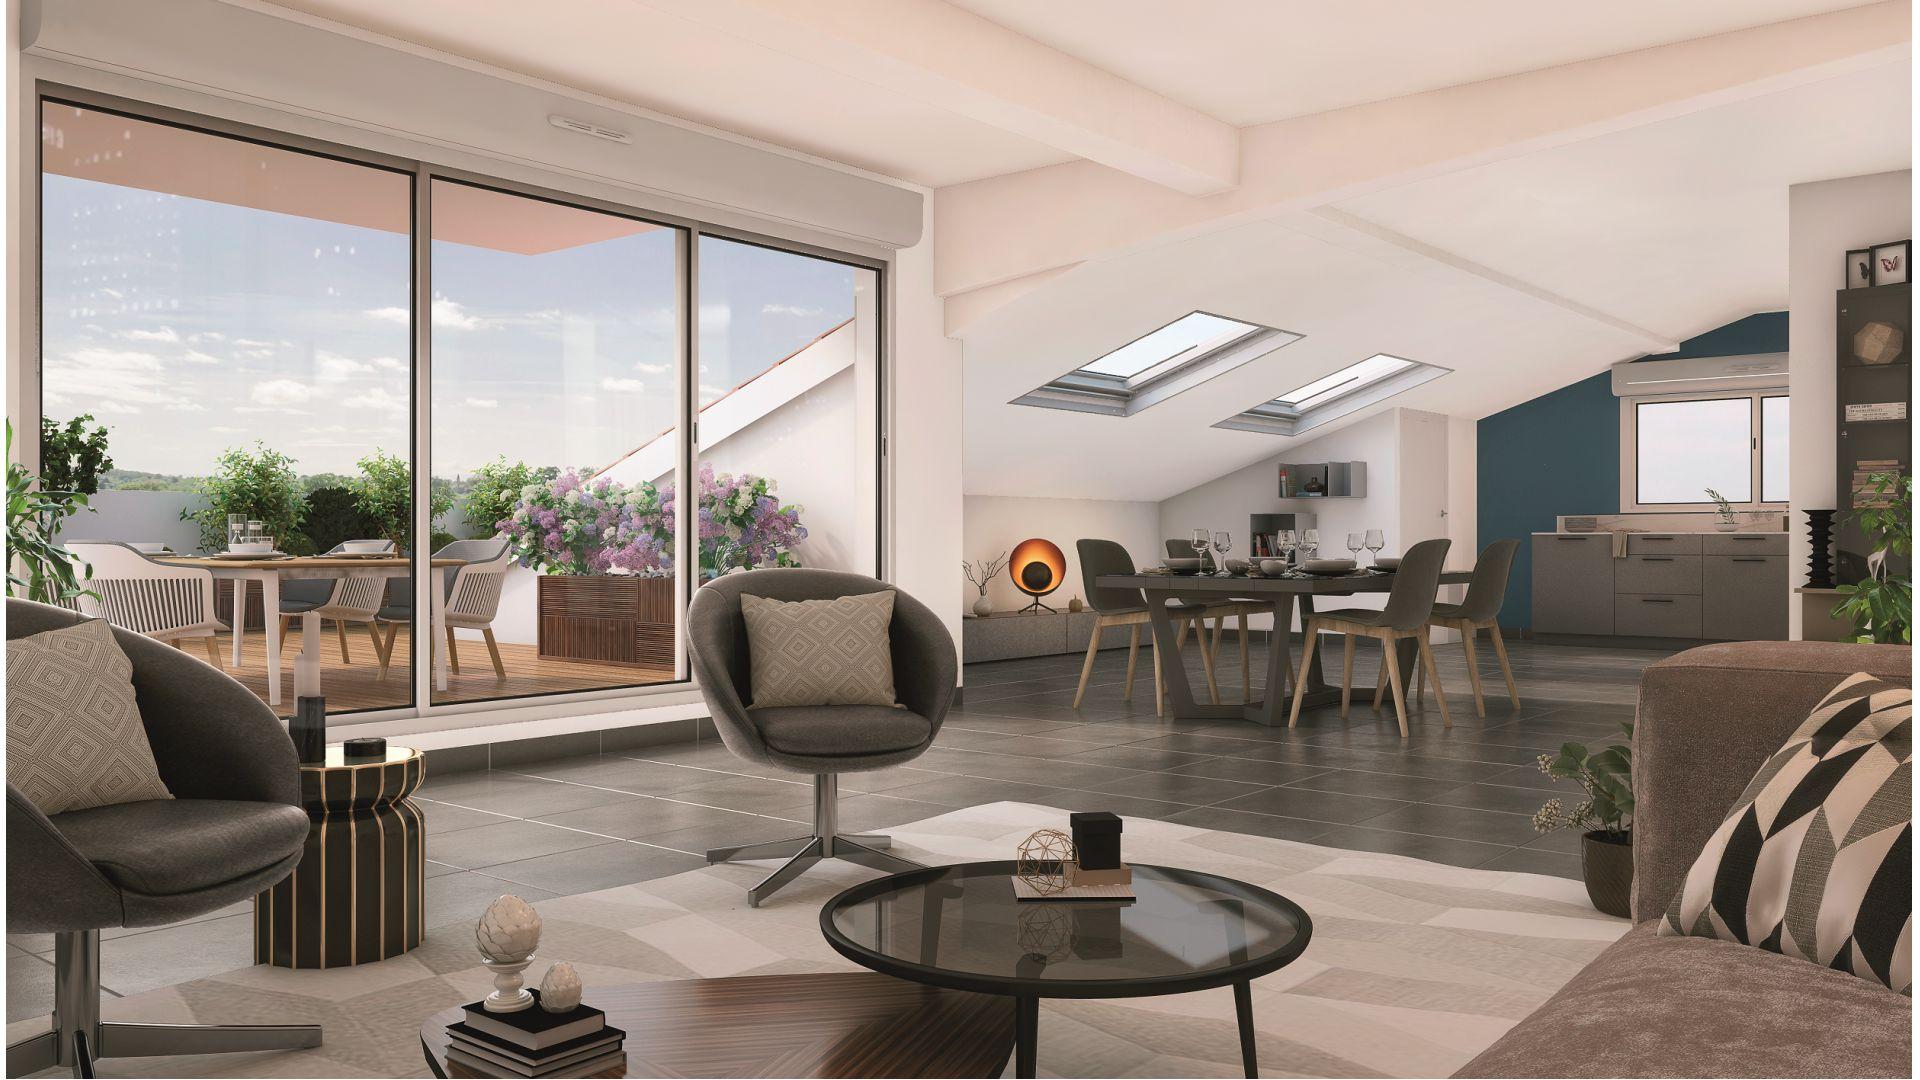 GreenCity immobilier - 31500 Toulouse Roseraie - Parc Romane - rue Louis Plana - appartements neufs du T1 au T4 - vue intérieure